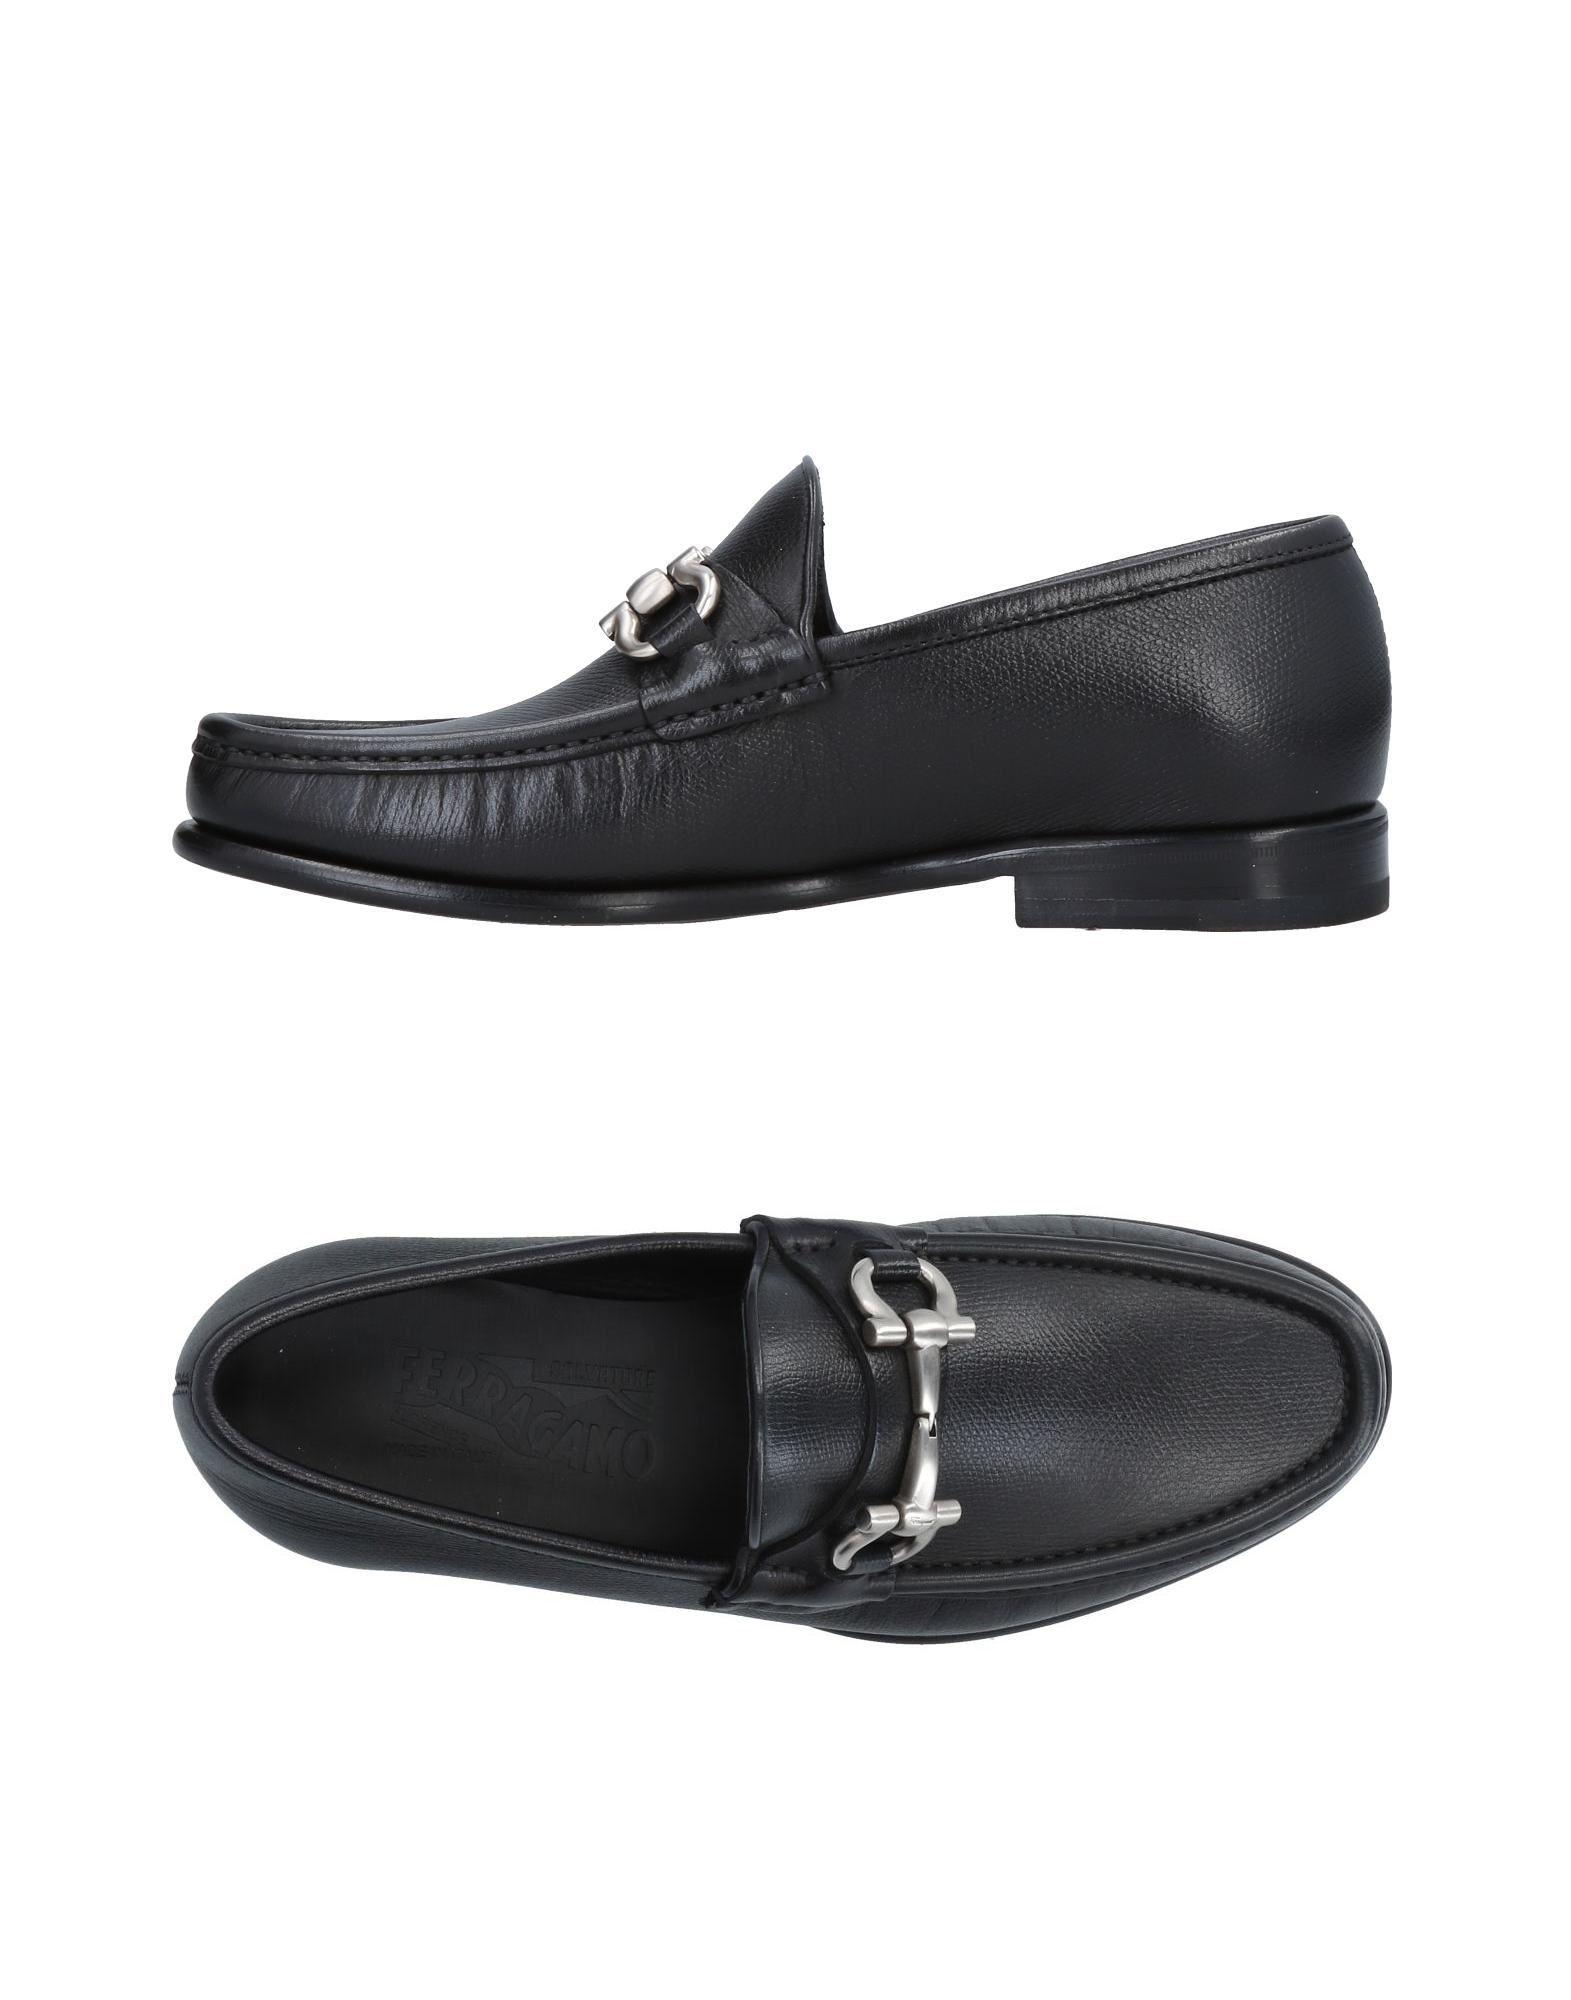 Salvatore Ferragamo Mokassins Herren beliebte  11494513VK Gute Qualität beliebte Herren Schuhe 8b9470